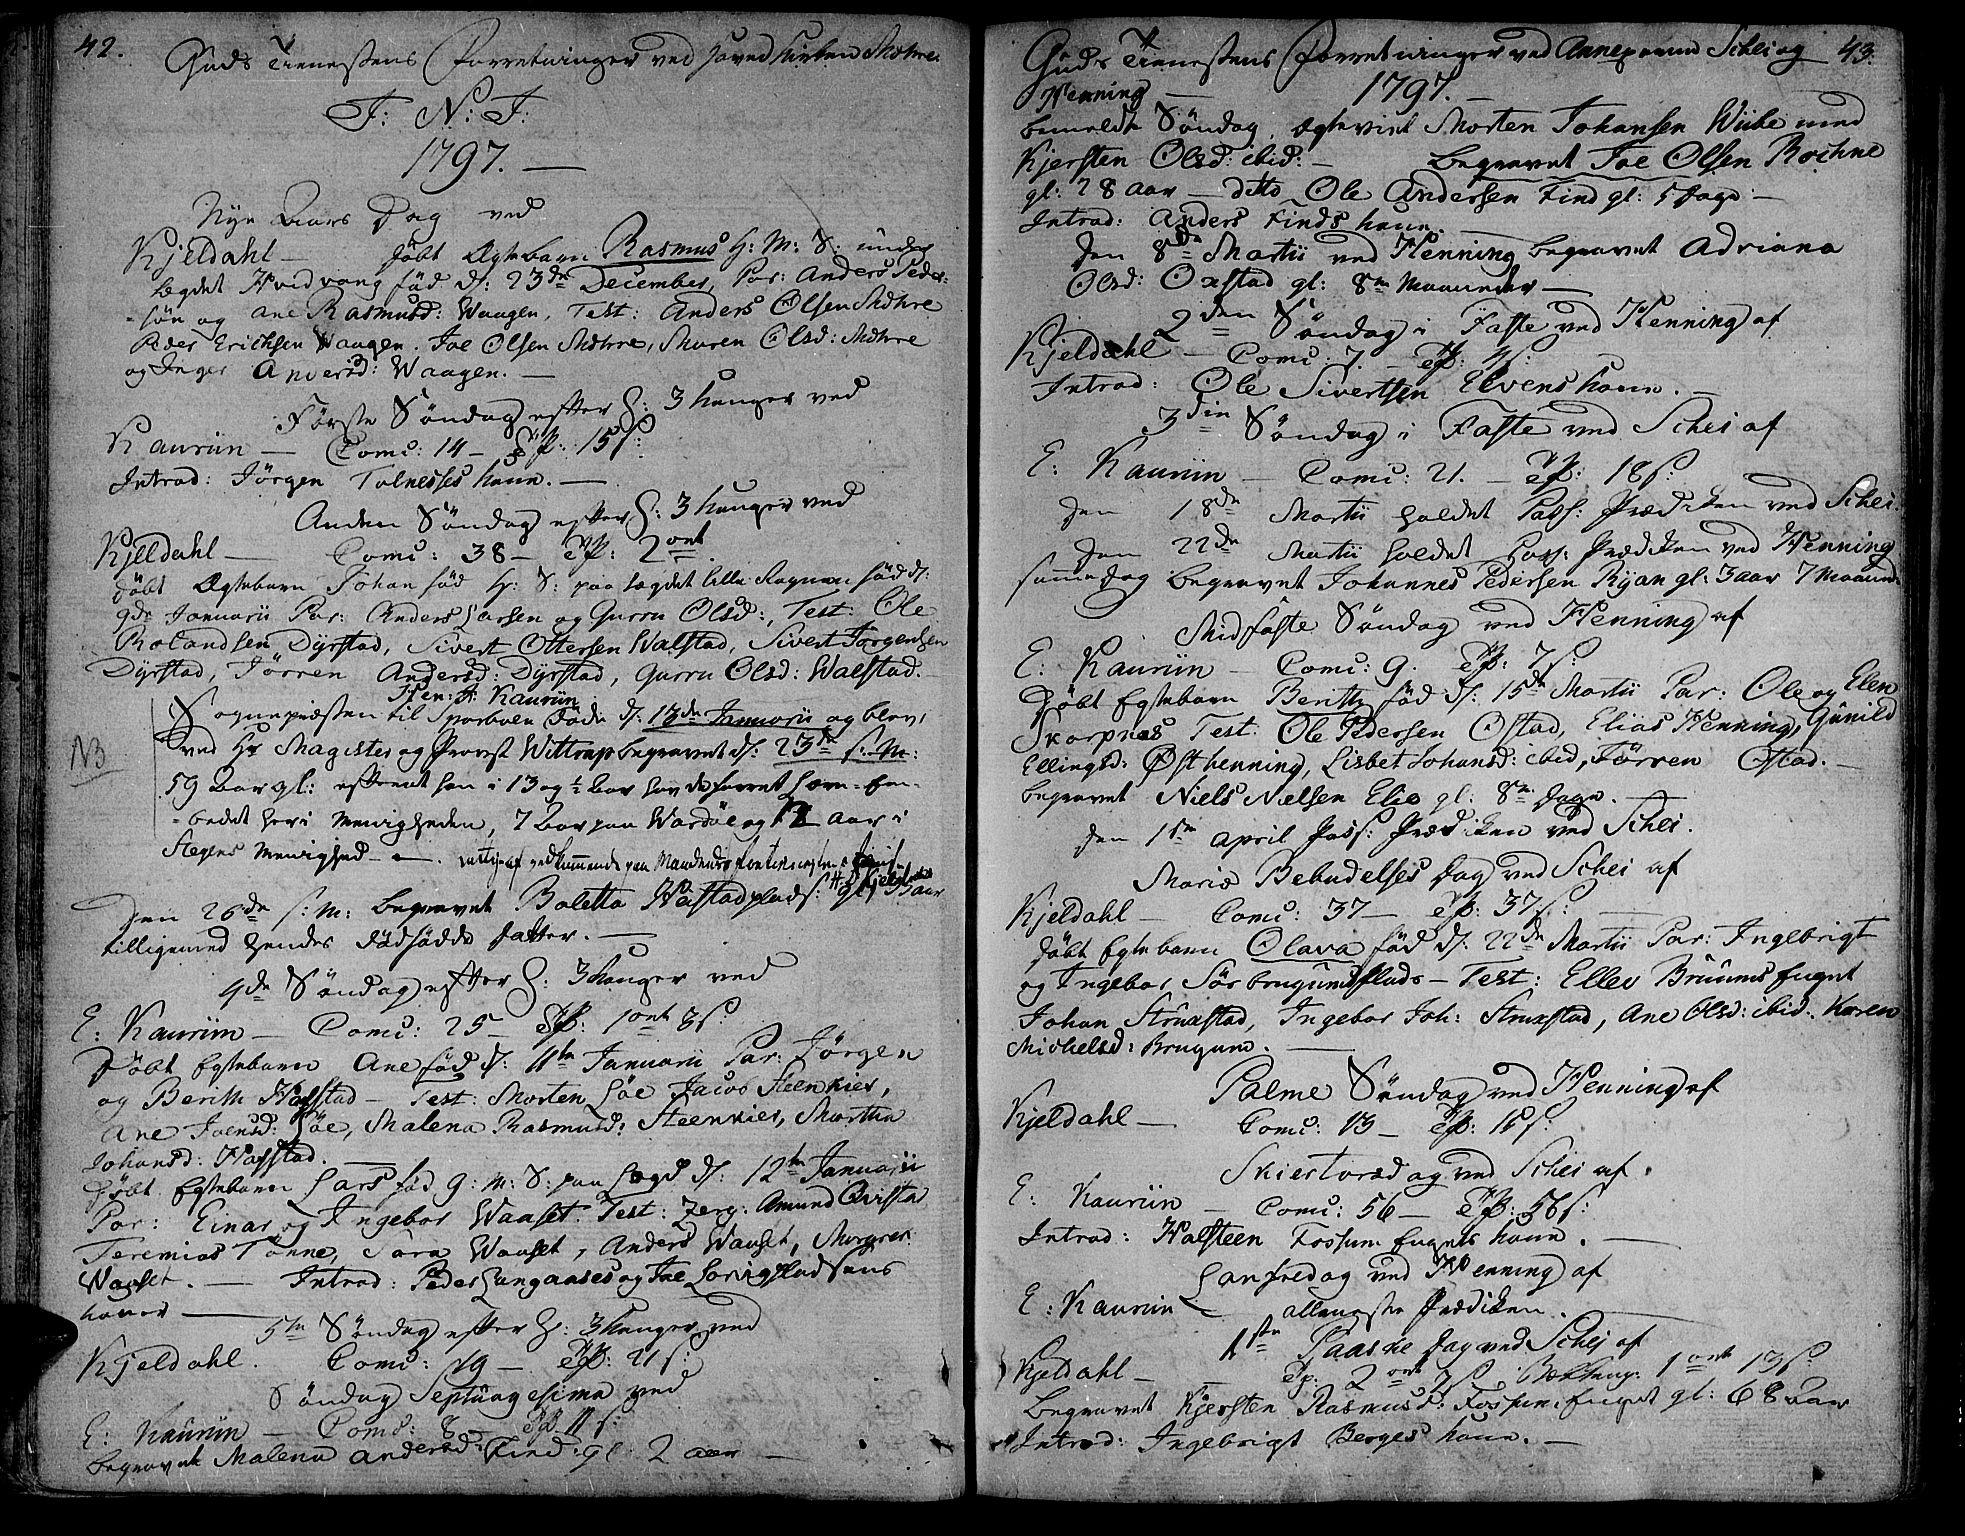 SAT, Ministerialprotokoller, klokkerbøker og fødselsregistre - Nord-Trøndelag, 735/L0332: Ministerialbok nr. 735A03, 1795-1816, s. 42-43